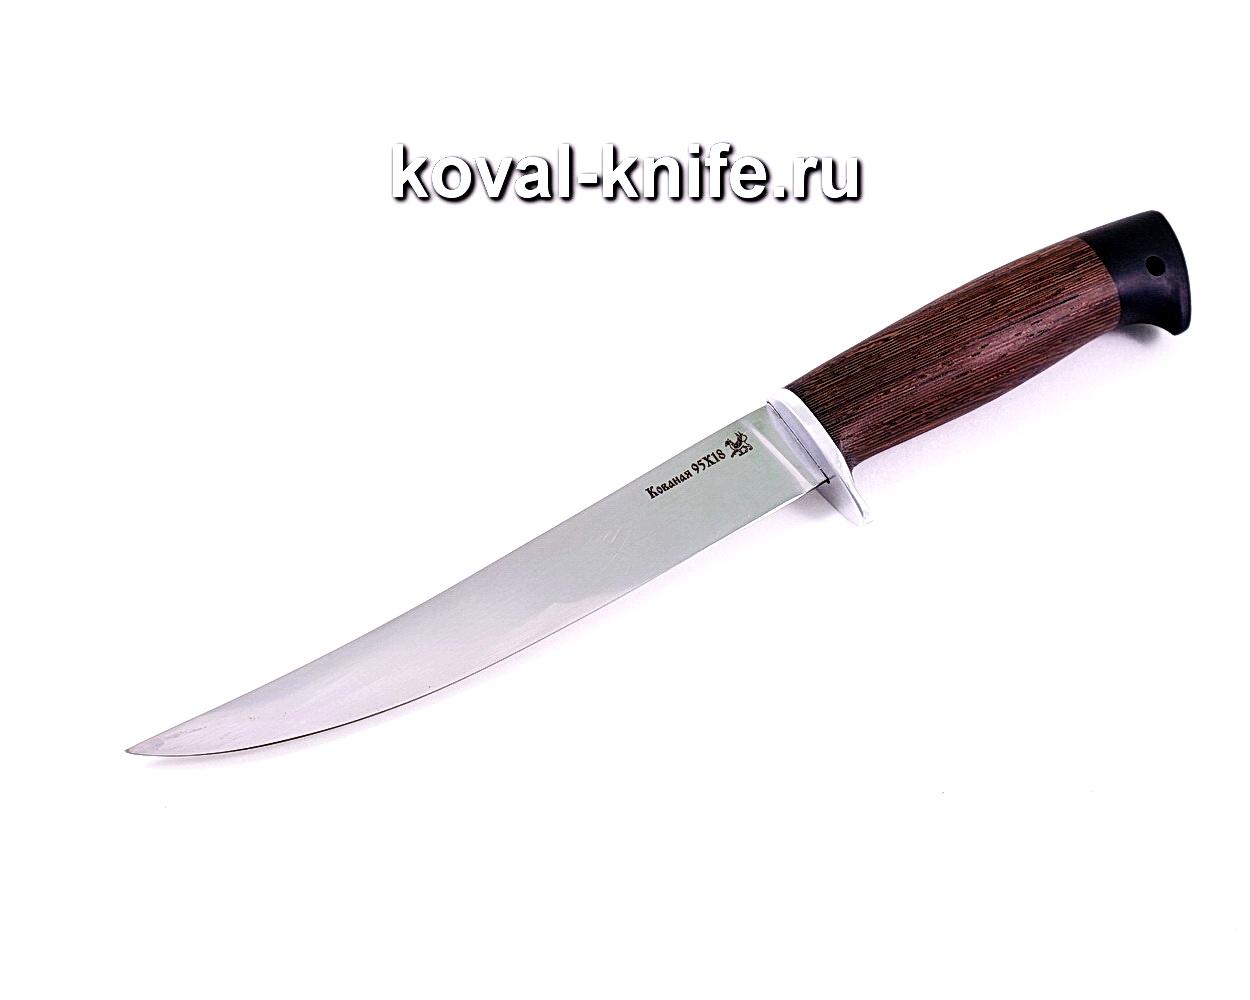 Нож Филейный (сталь 95х18), рукоять венге, граб A138